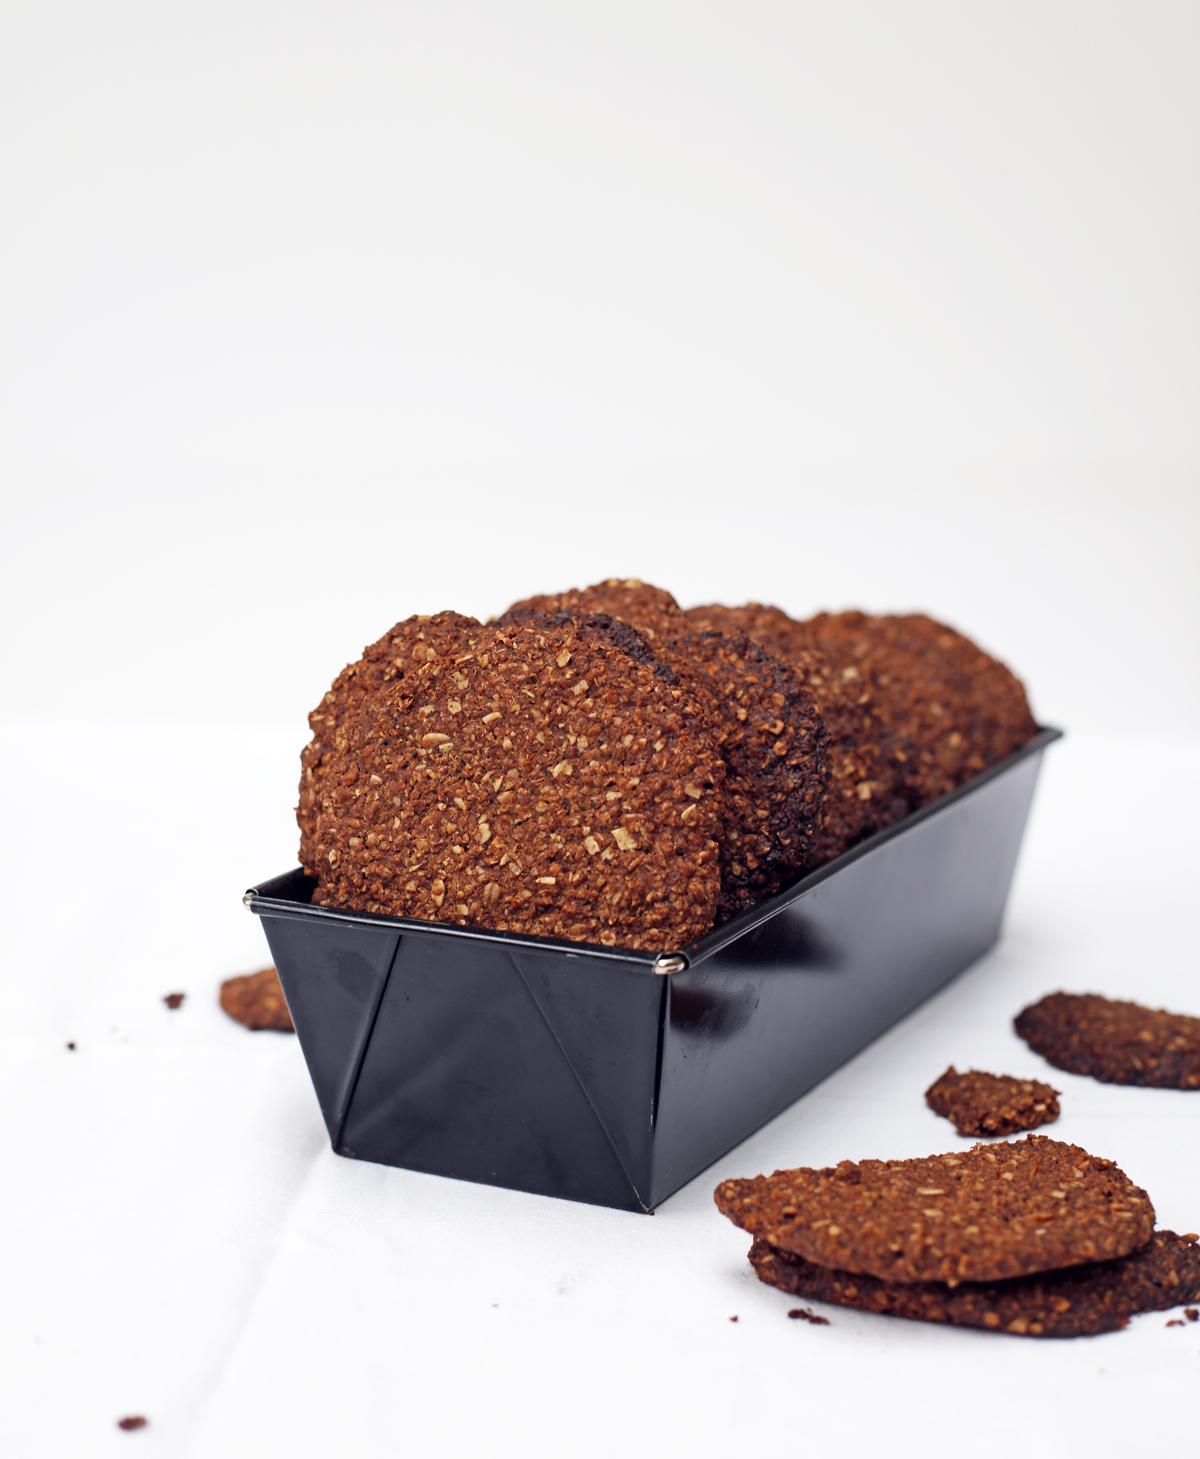 choco oat cookies 2.jpg